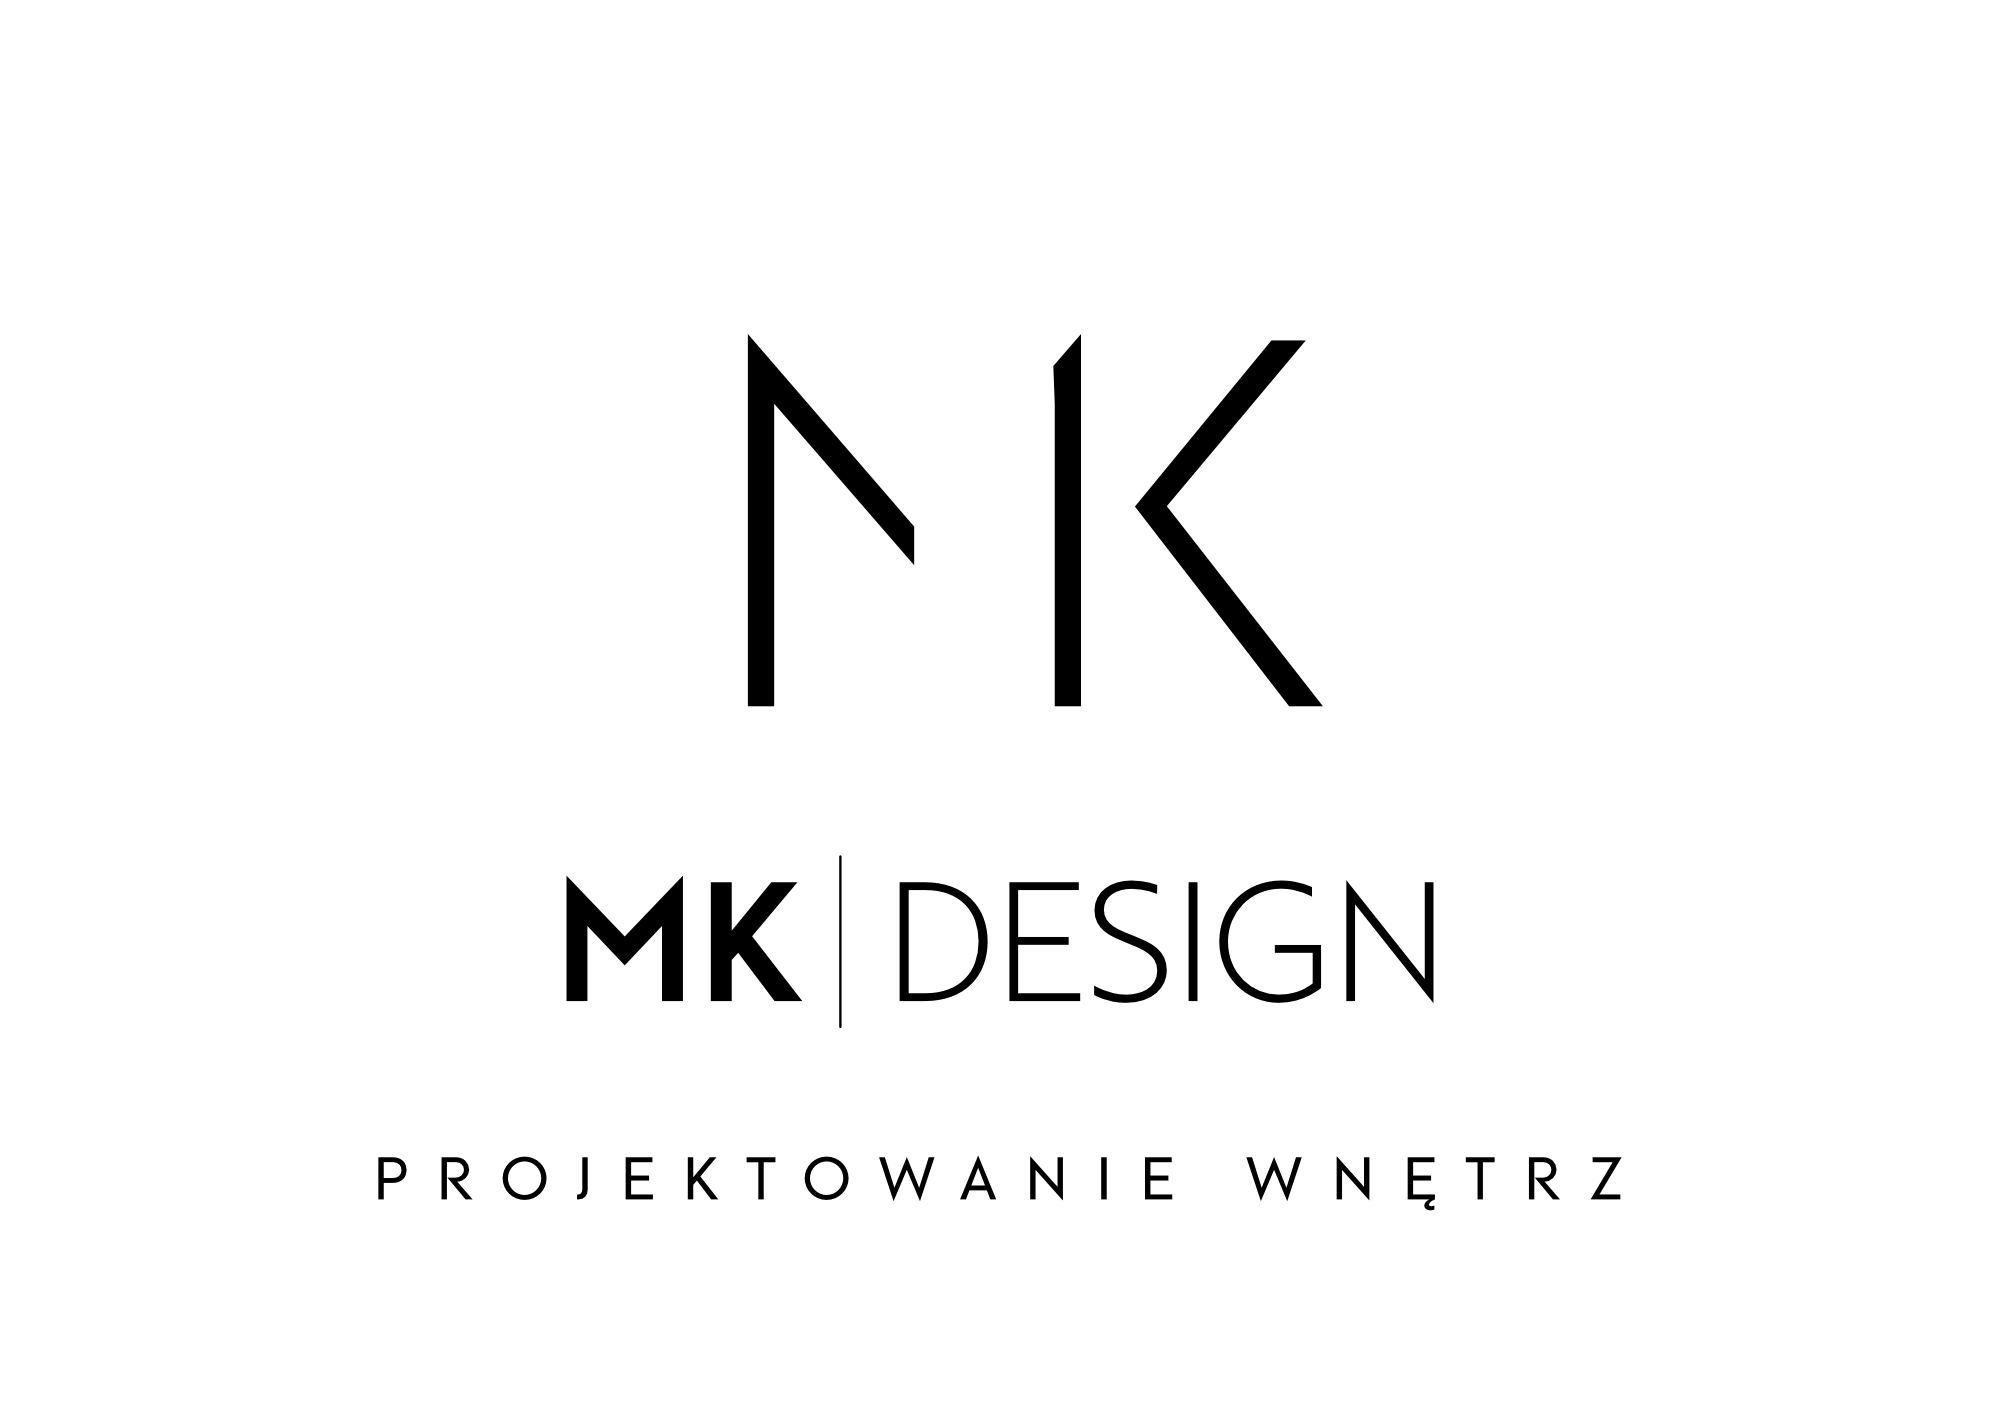 Projektowanie wnętrz dolnośląskie, projektant wnętrz dolnośląskie MK-Design-Logo